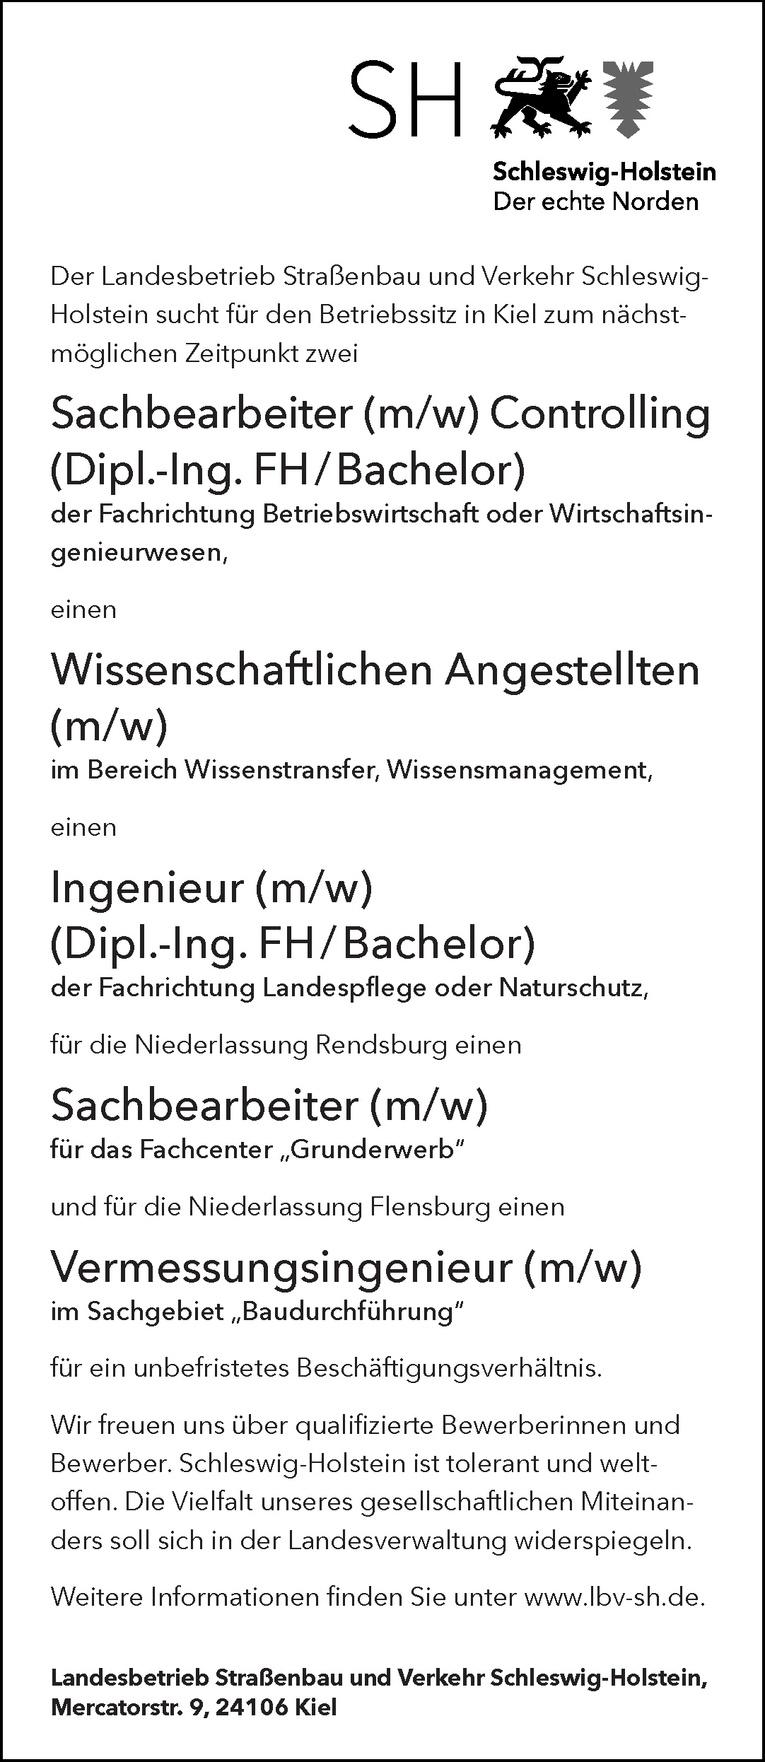 Ingenieur (m/w) Landespflege oder Naturschutz